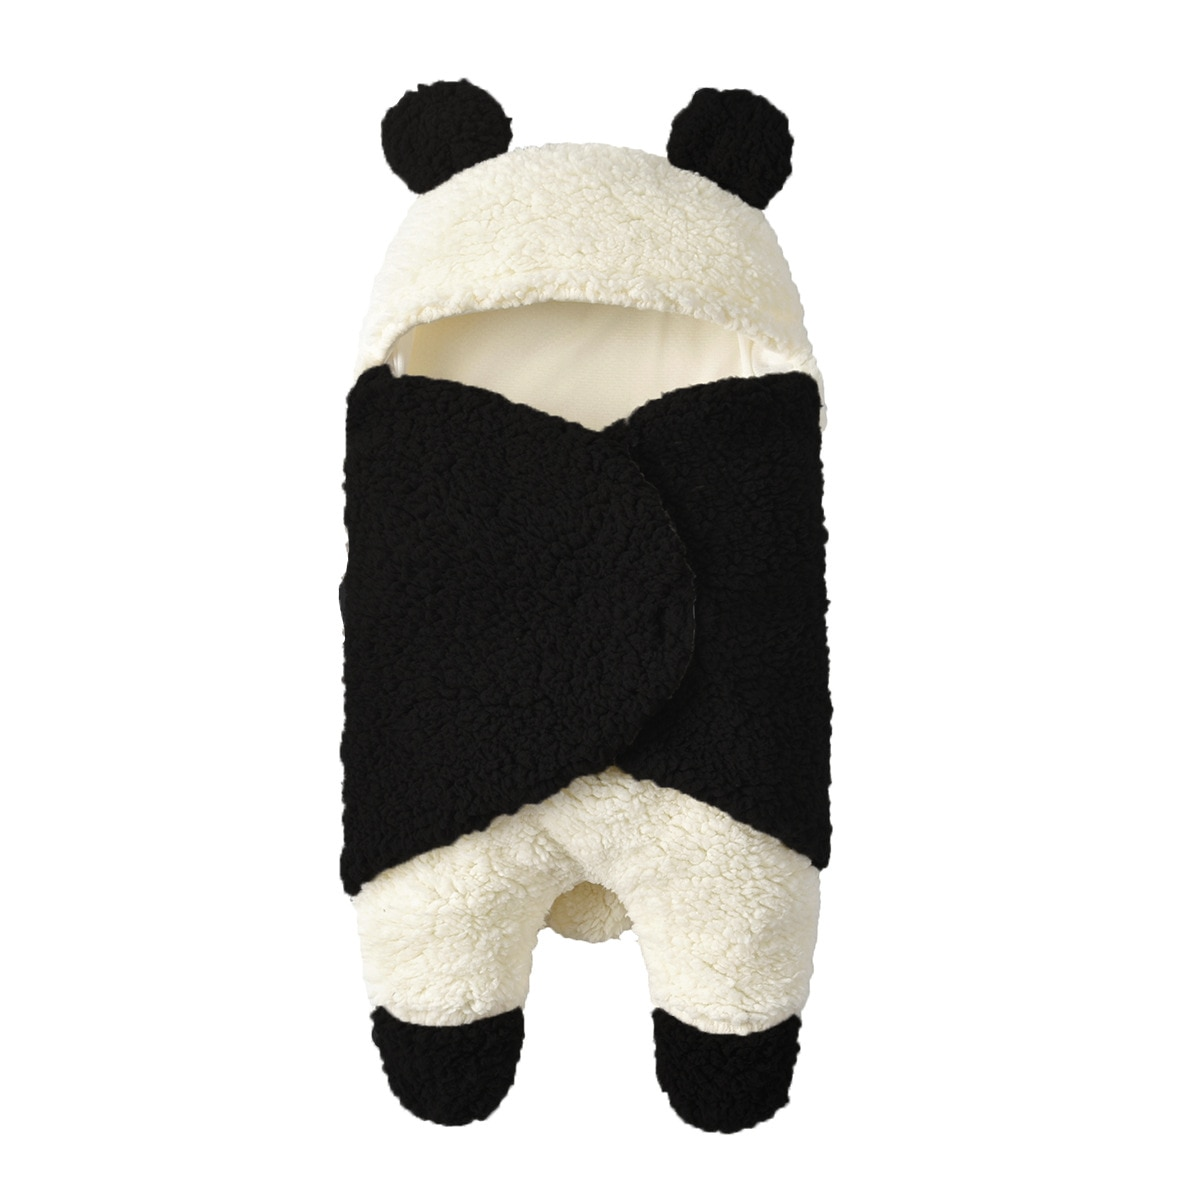 Супер мягкое осенне-зимнее стильное плюшевое Пеленальное Одеяло для младенцев, детское шерстяное одеяло с рисунком панды, ягненка, одеяло